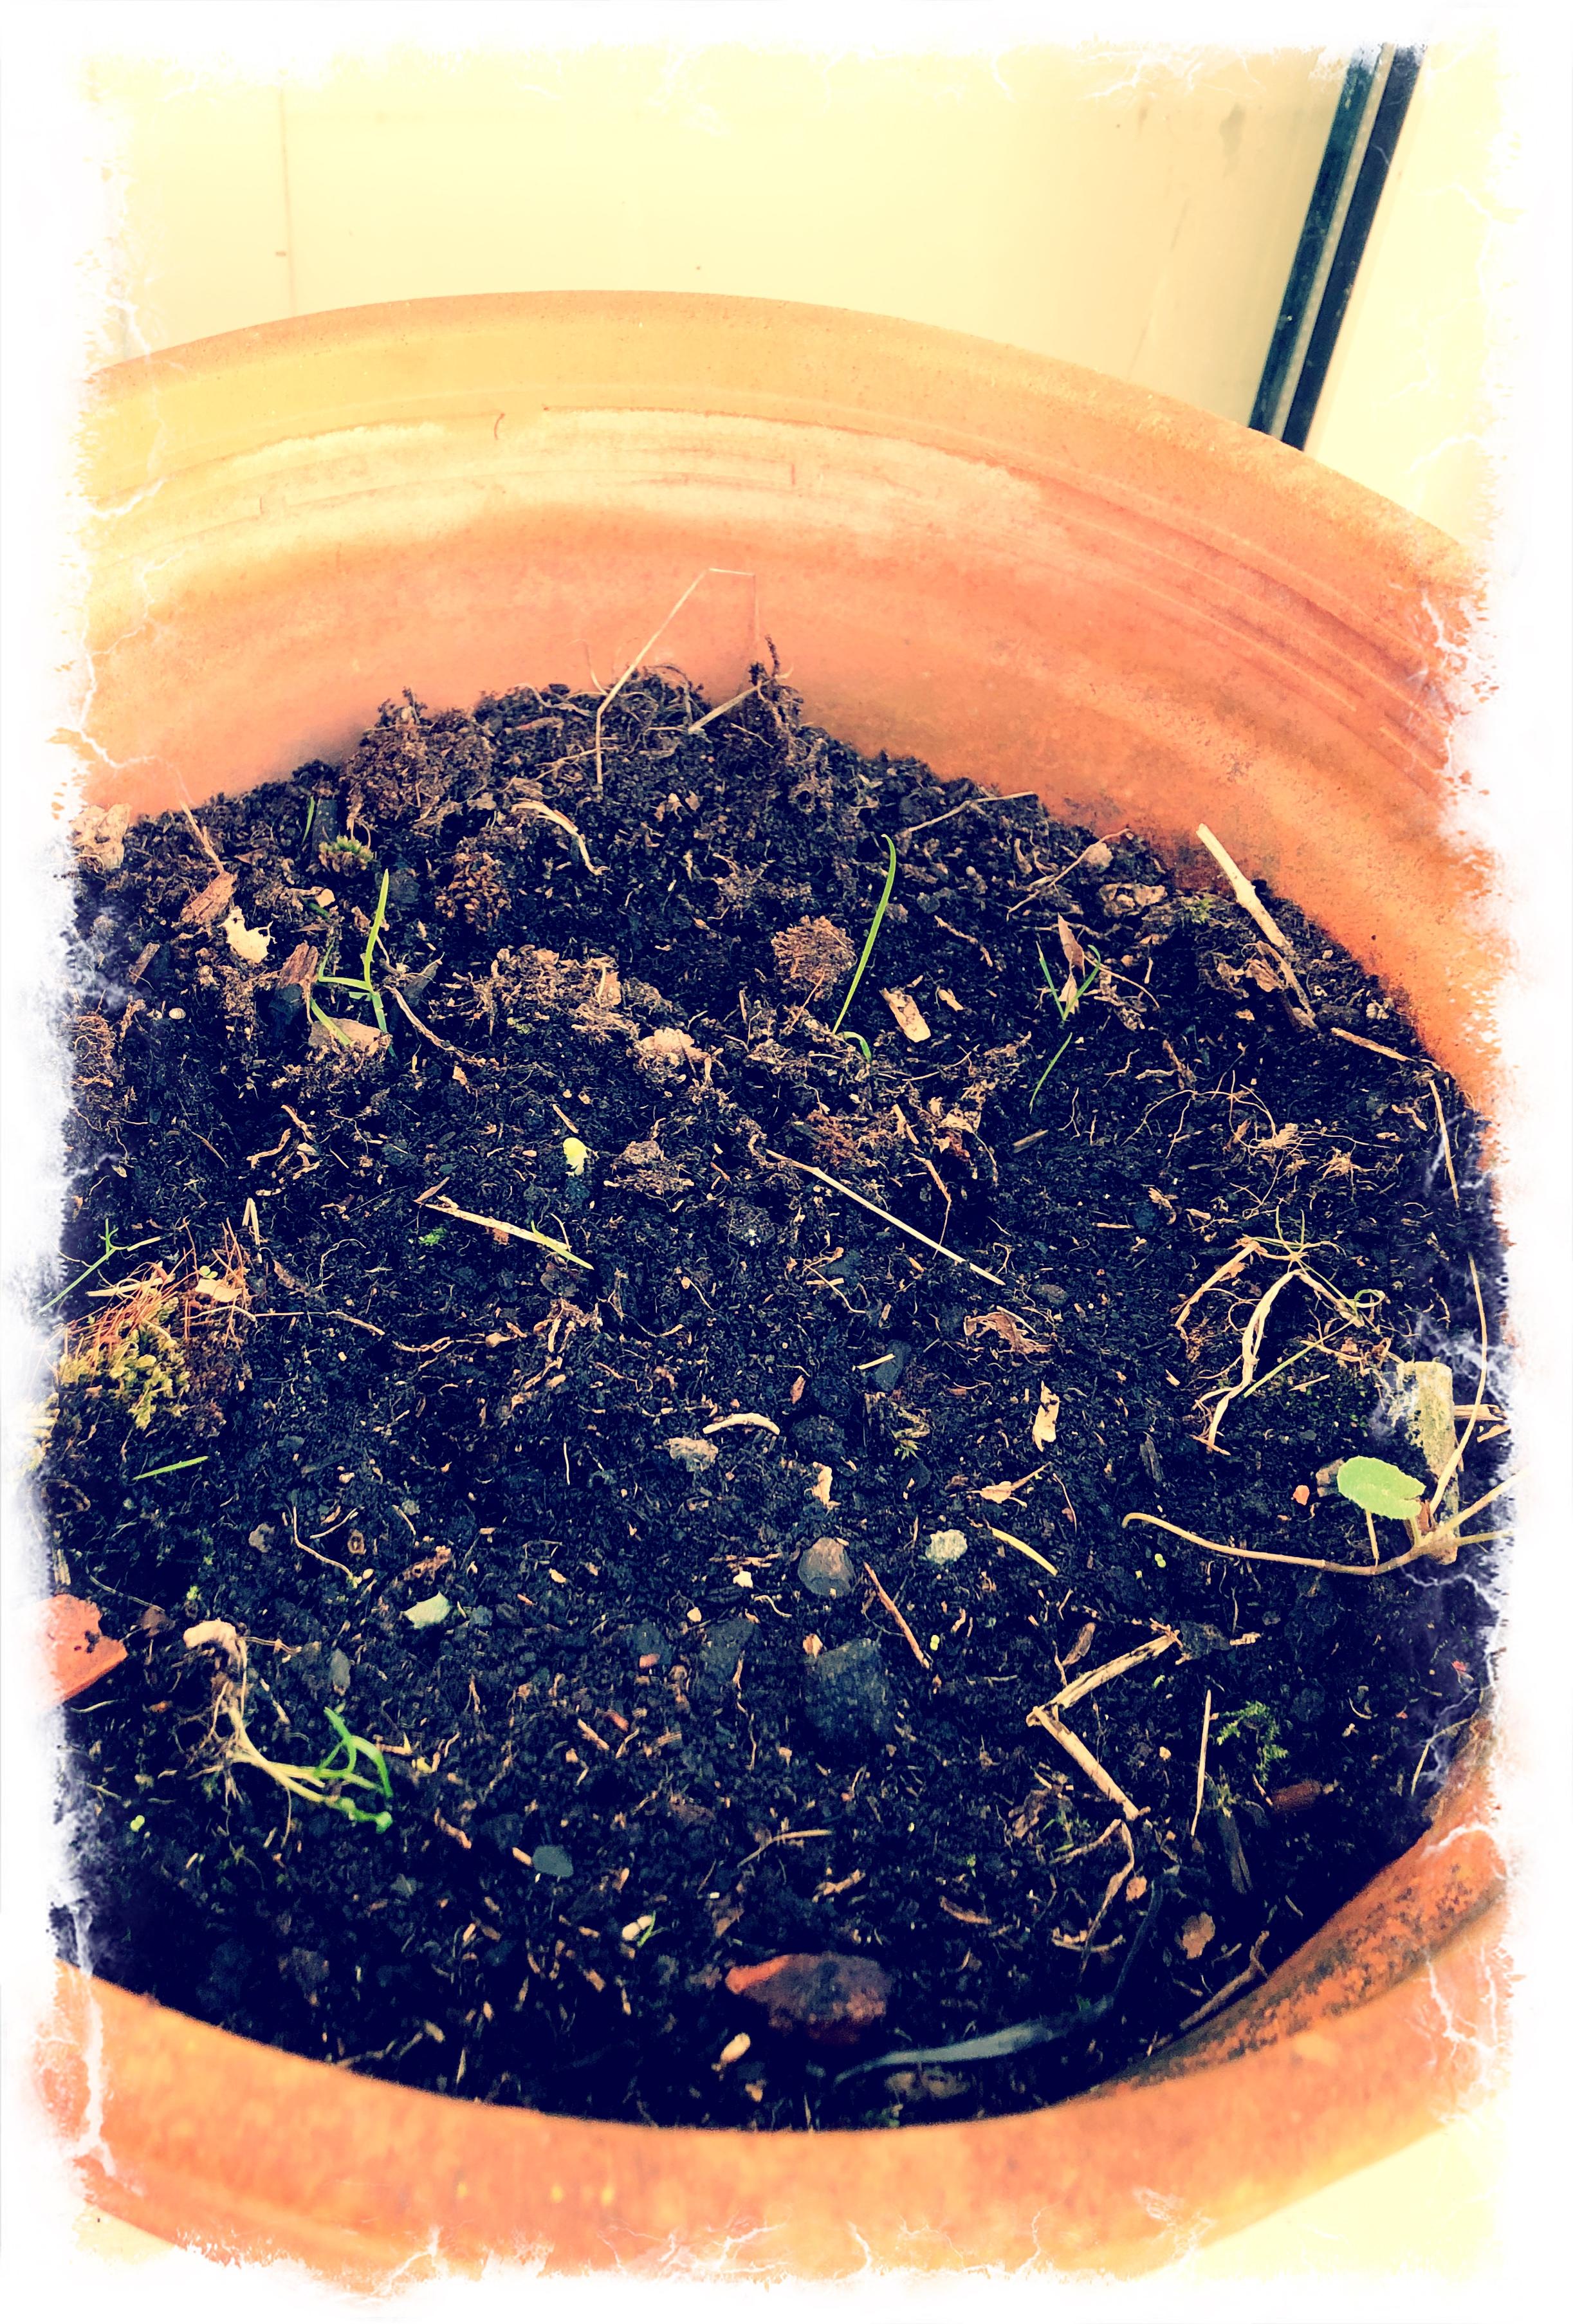 Tiny green shoot in big plant pot